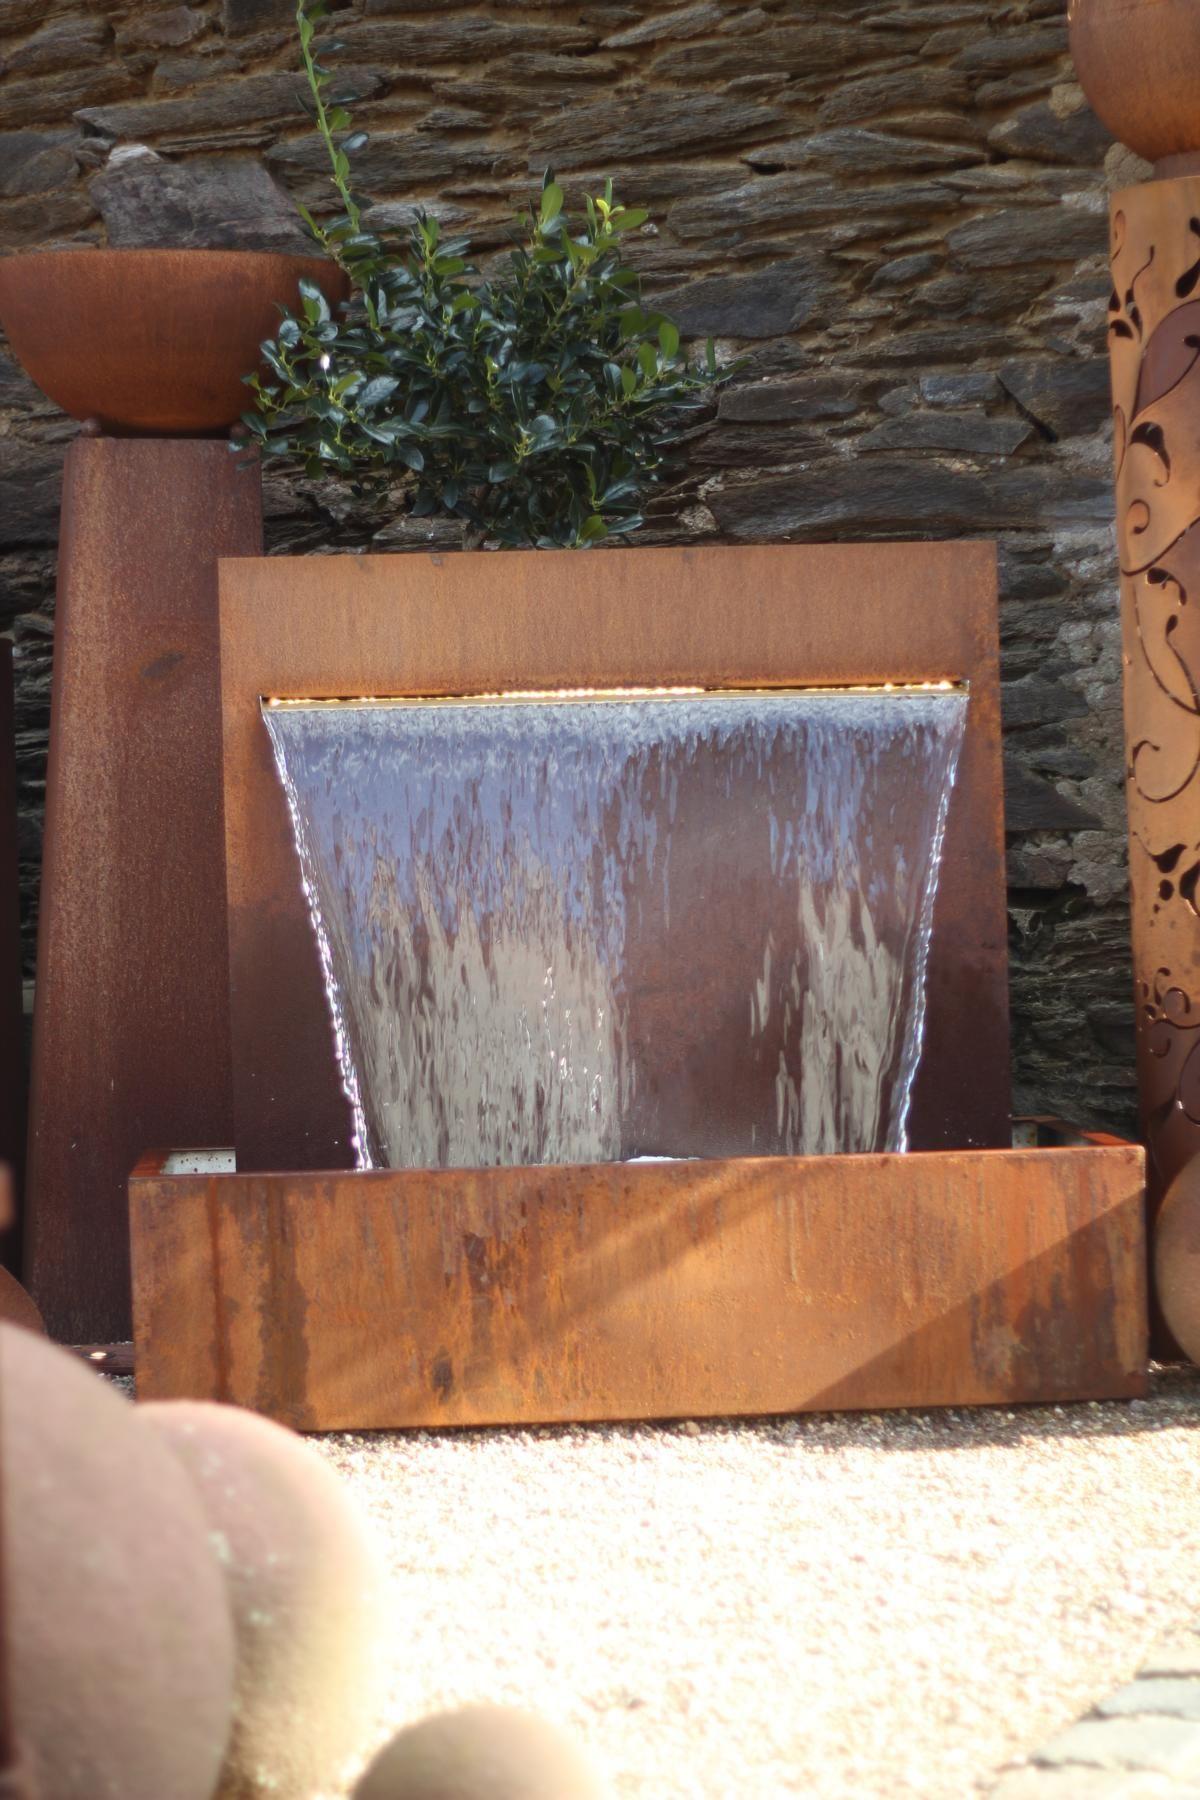 Wasserspiel Cortenstahl Wasserfall 90 Im Edelrost Design Inkl Pumpe 1001000064 Gartenbrunnen Wasser Im Garten Wasserspiel Garten